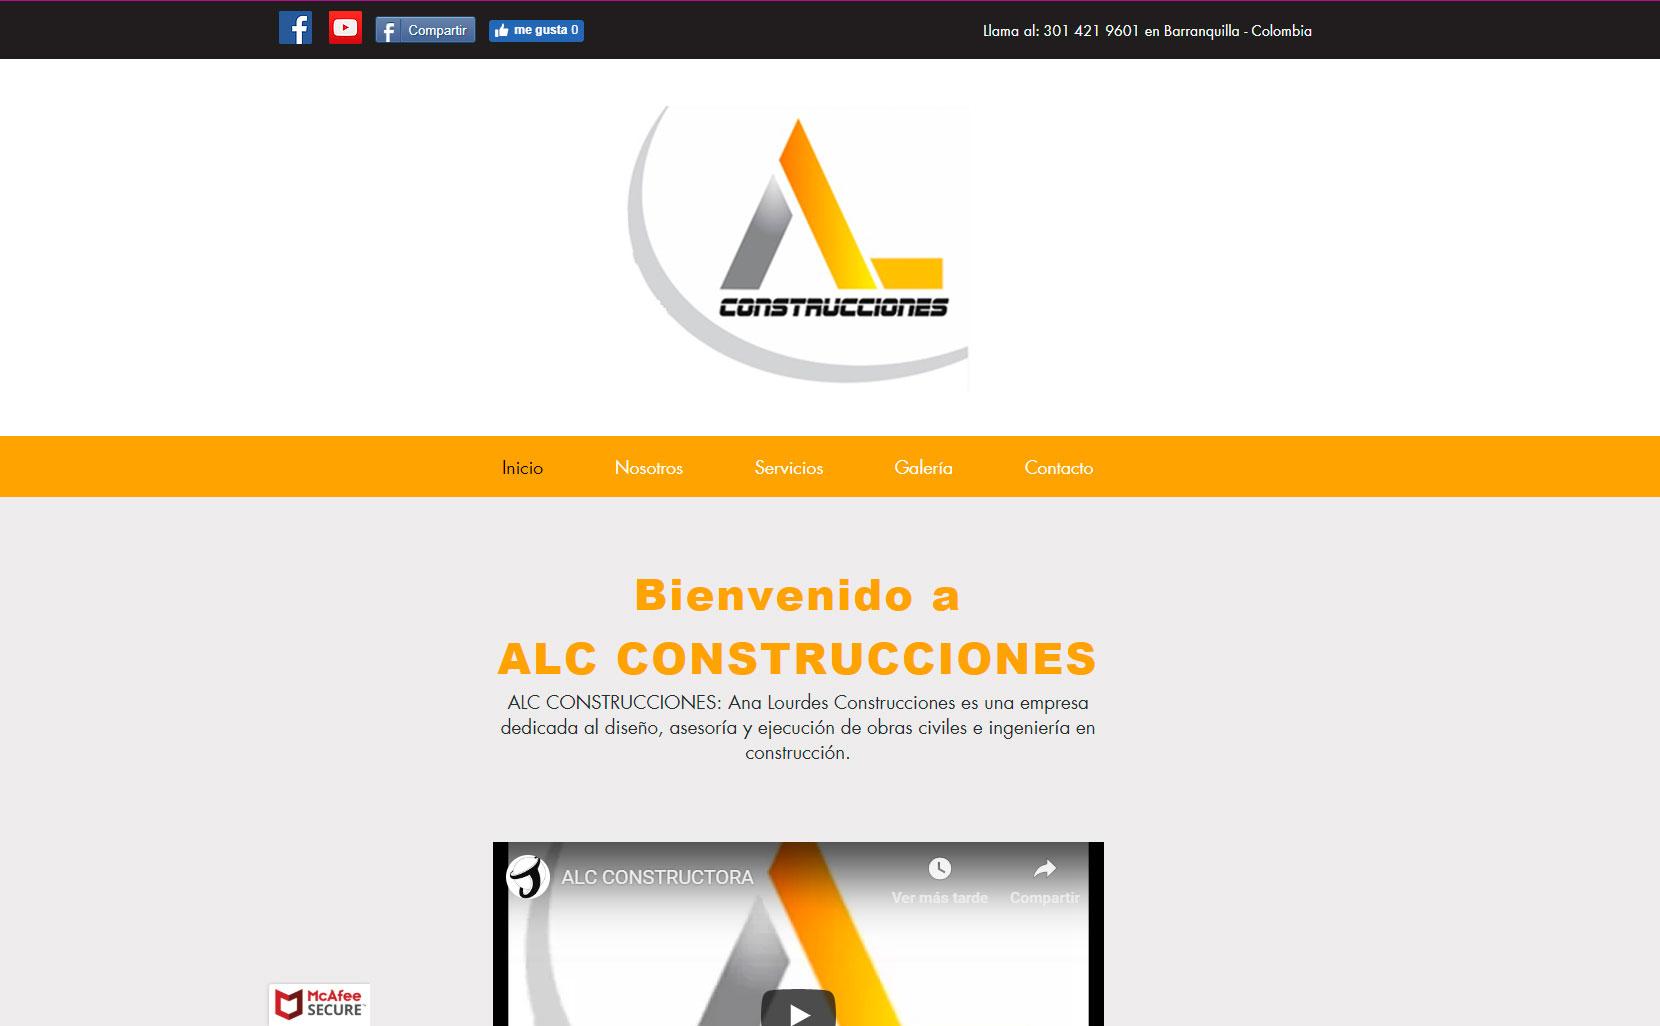 ALC CONSTRUCTORA - COLOMBIA